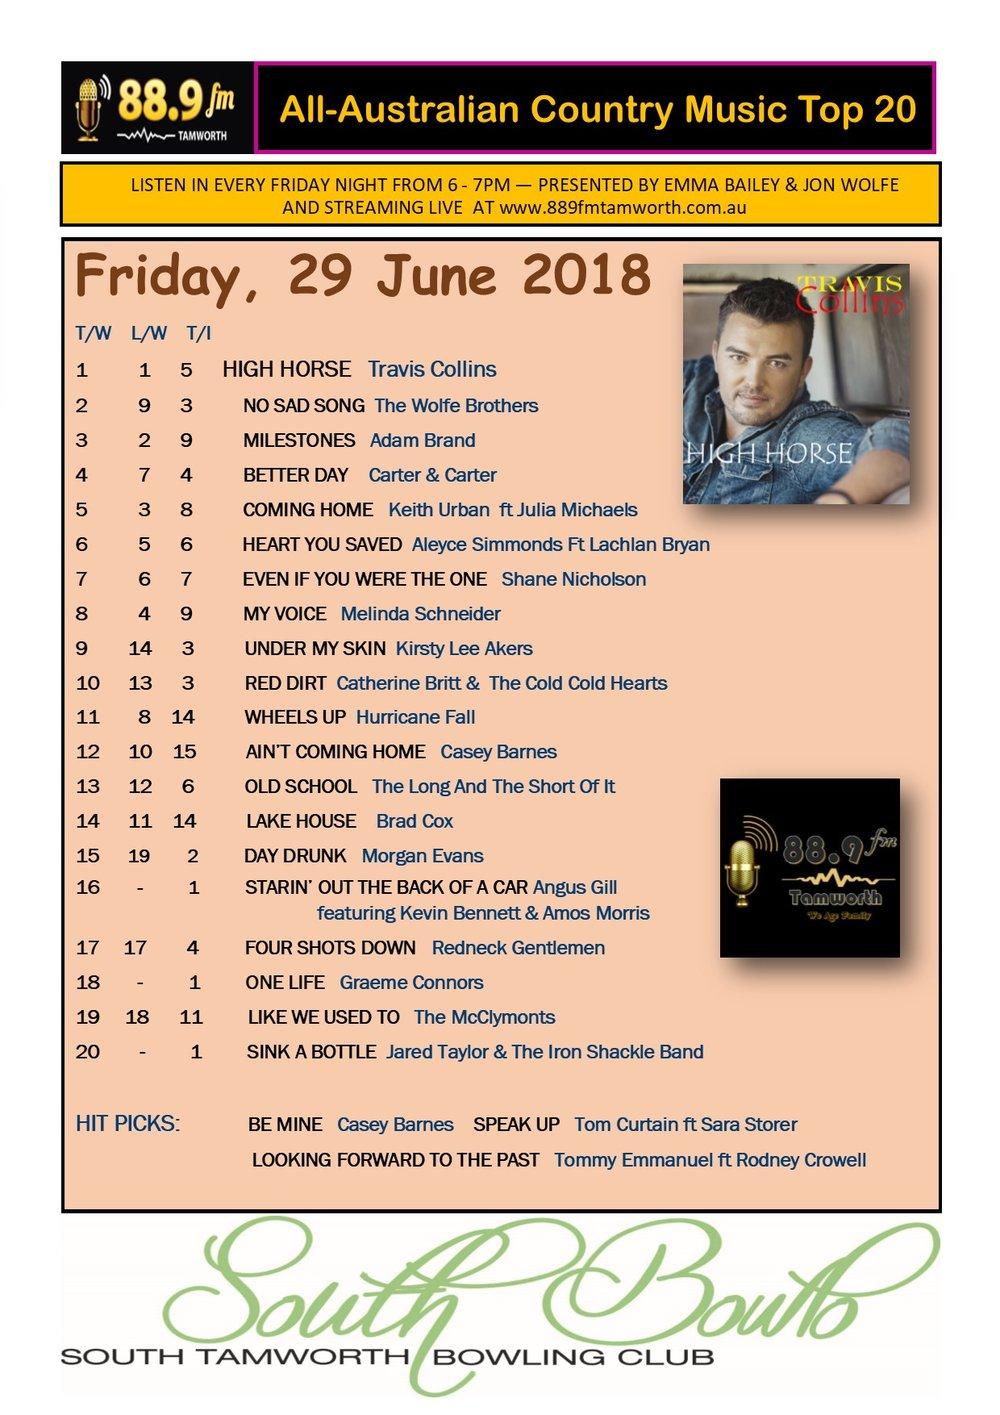 889FM CHART 29 June 2018.jpg